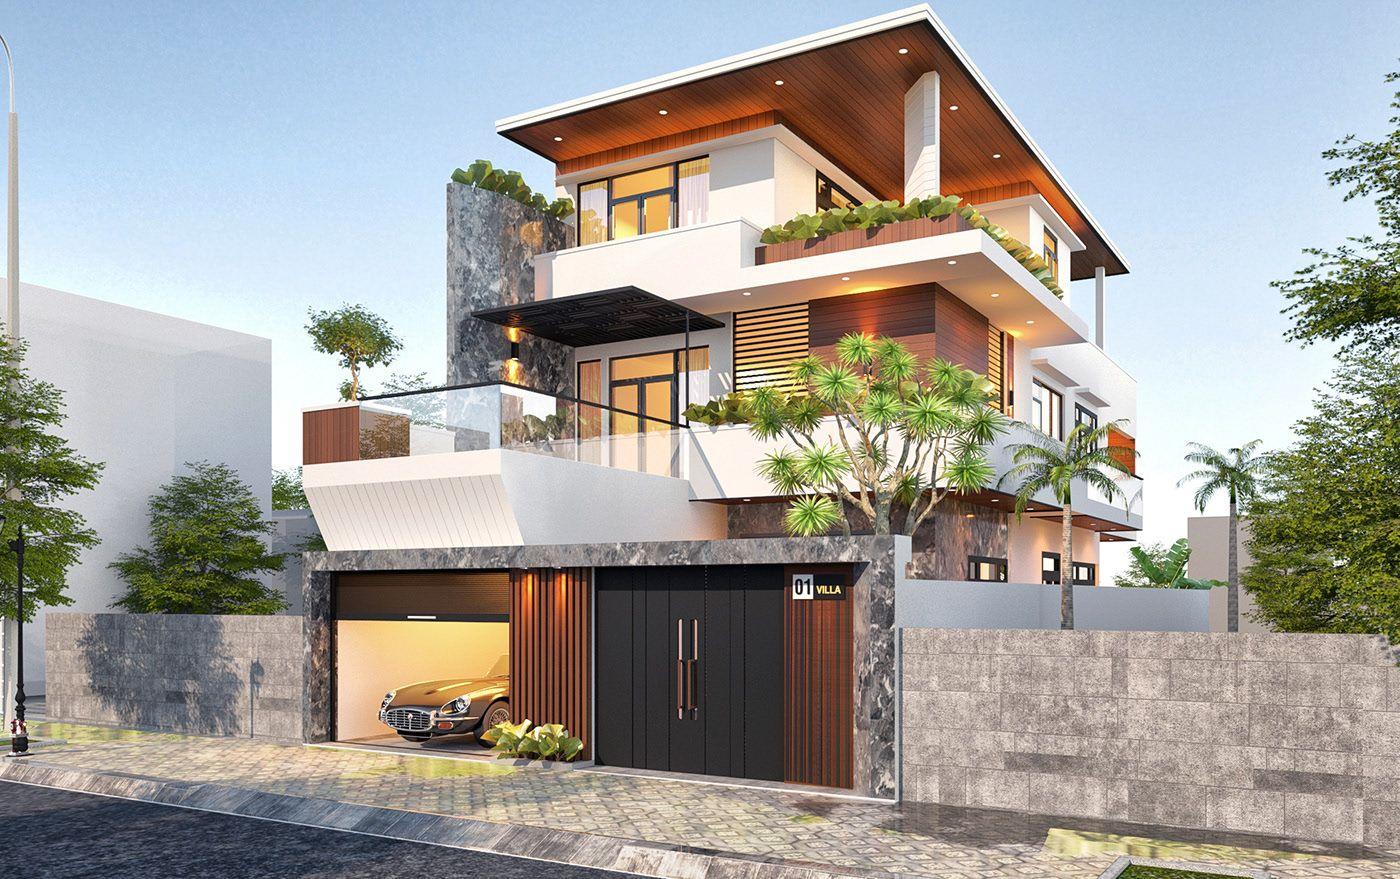 Thiết kế biệt thự anh Minh Bình Dương